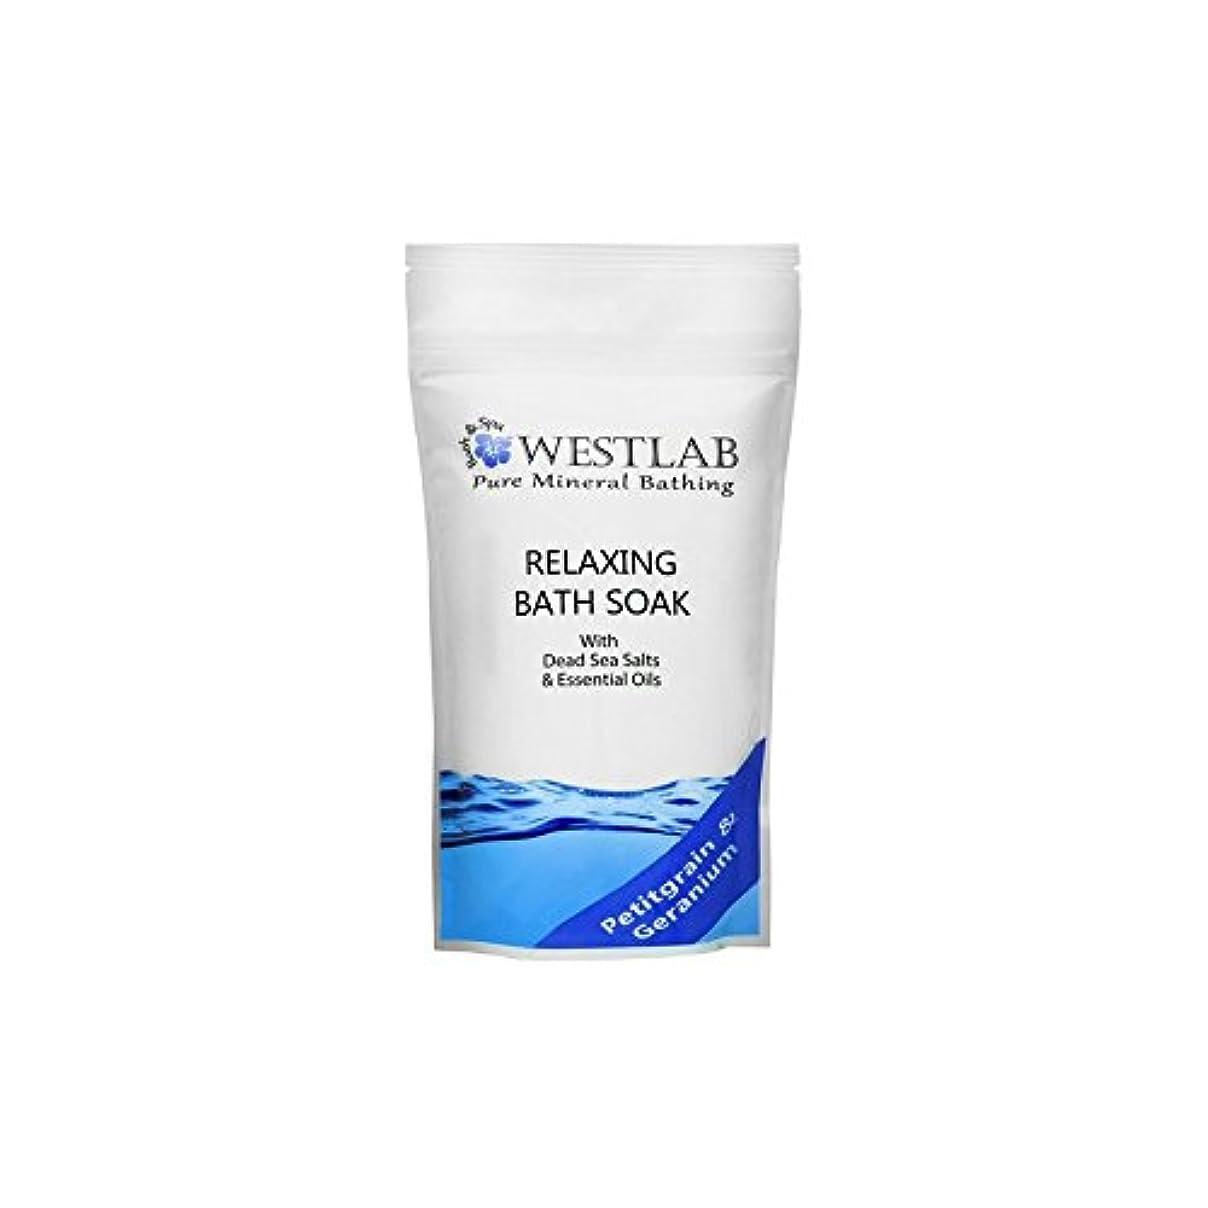 賞賛するタイプライター上院Westlab Relax Dead Sea Salt Bath Soak (500g) - 死海の塩浴浸漬(500グラム)をリラックス [並行輸入品]